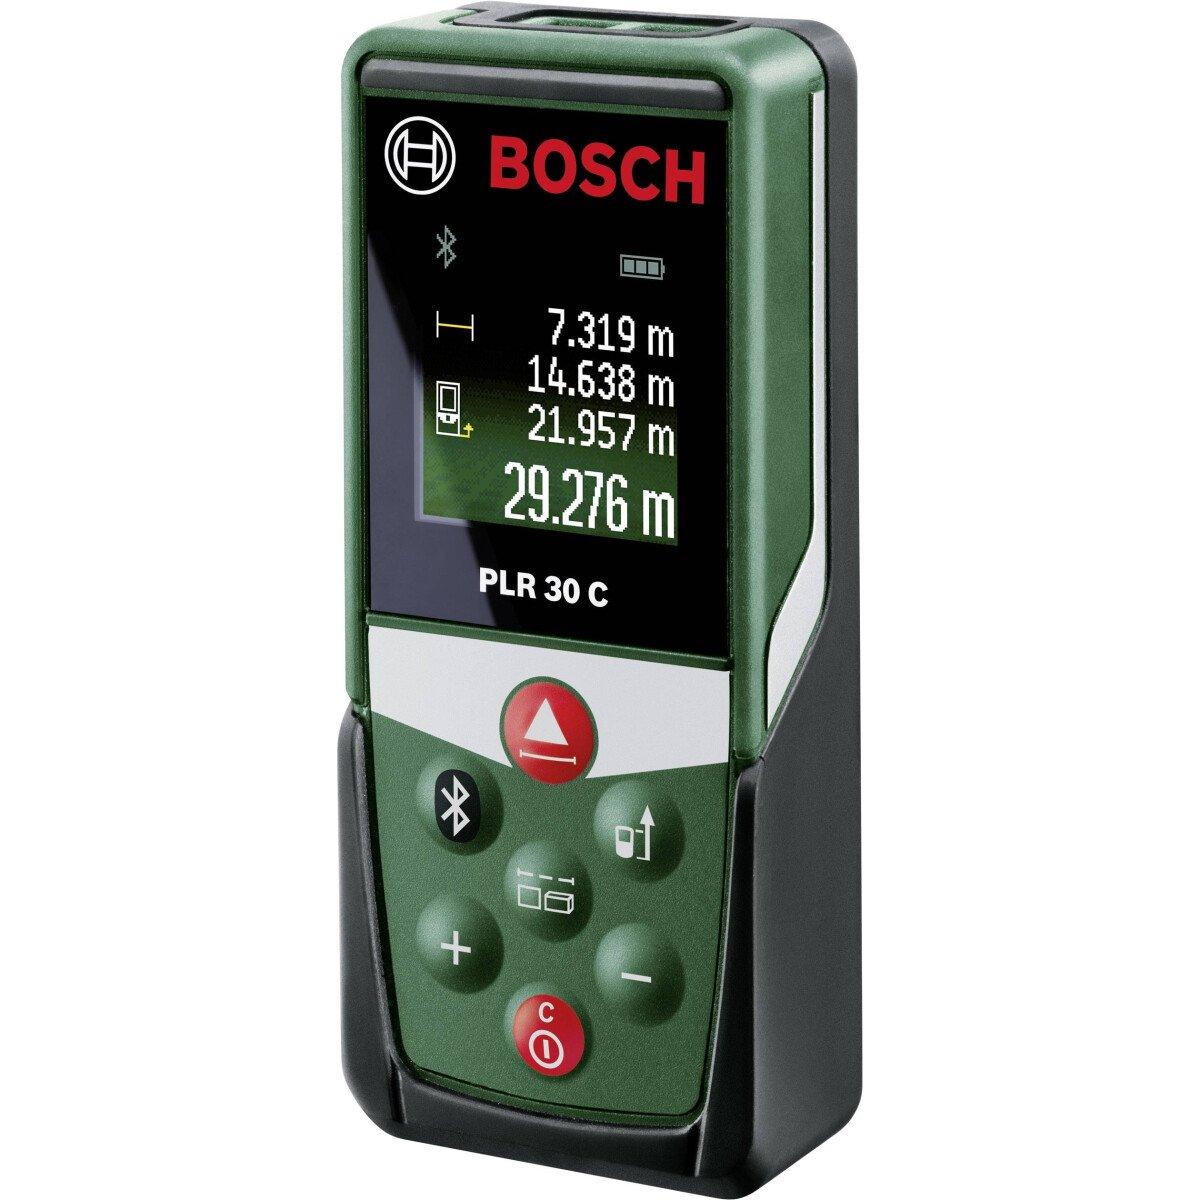 Bosch PLR 30 C Digital Laser Measure 30m